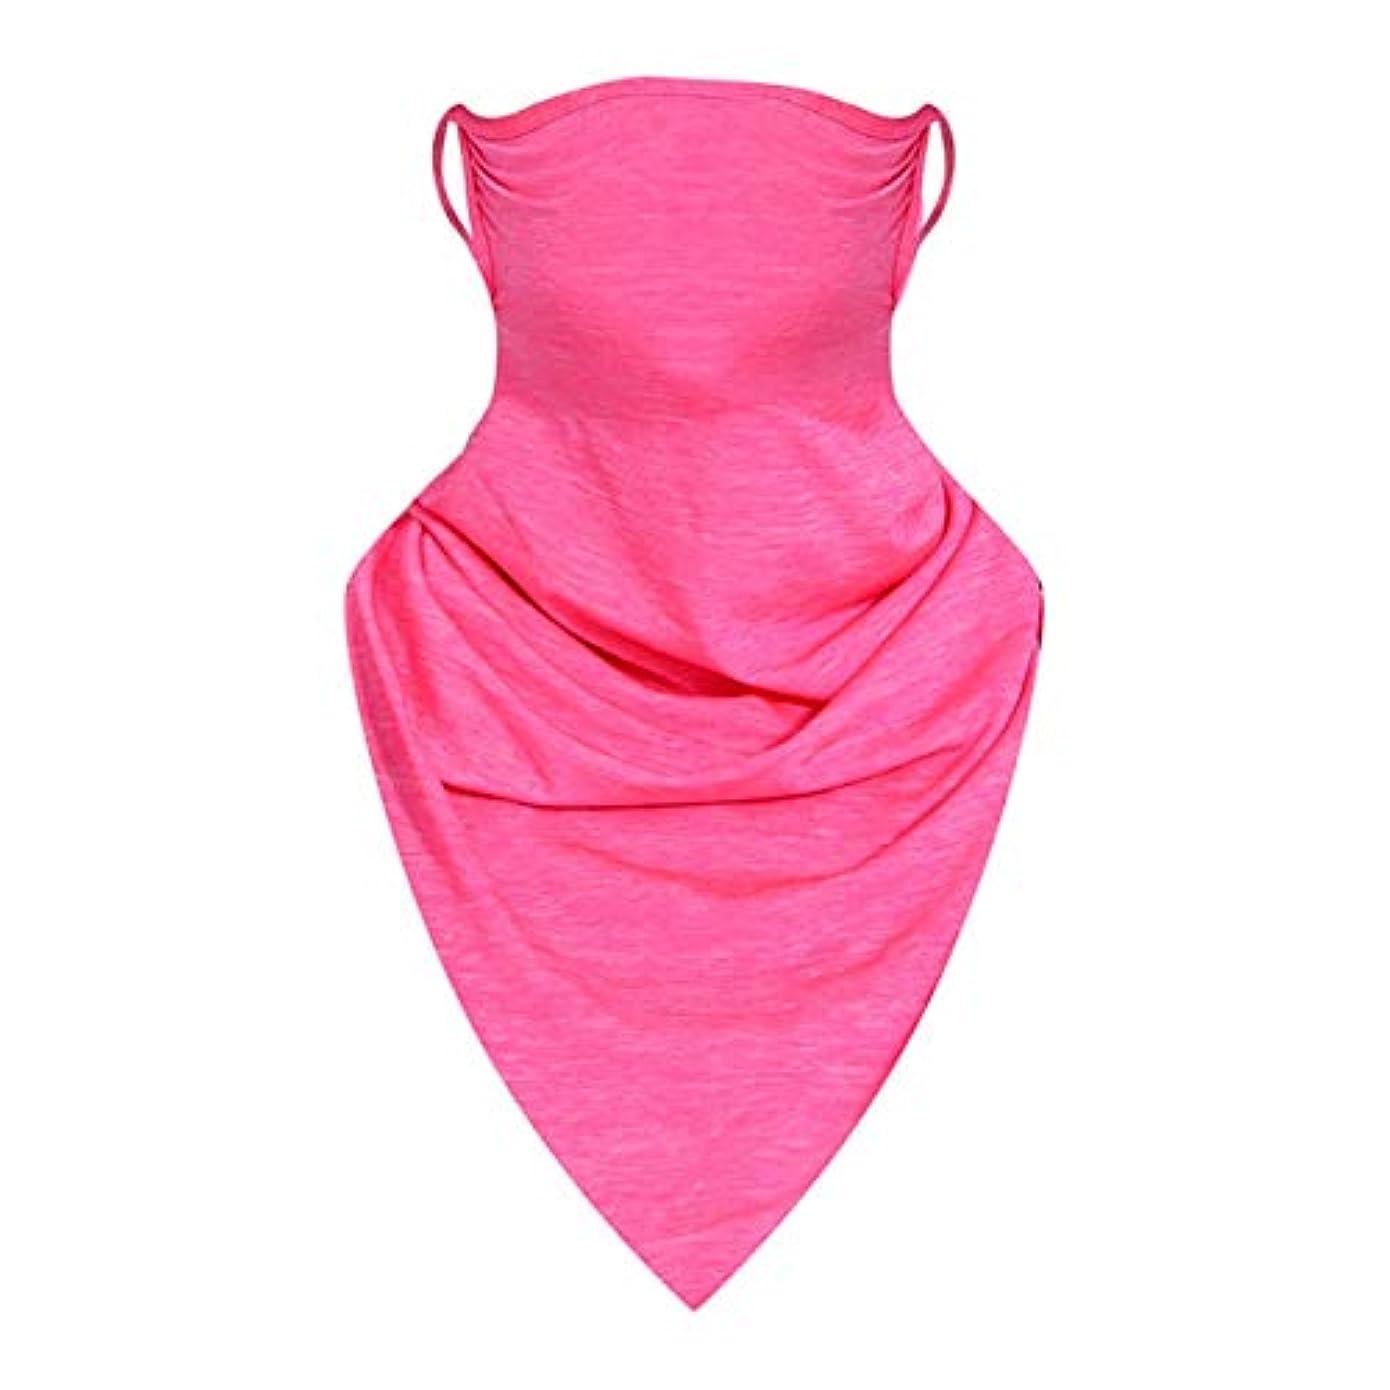 保持加速度欠乏CZ016ファッション屋外フェイスマスクバイクサイクリングマスク防風冬首ガードスカーフ男性女性用UV保護マスク-ローズレッド